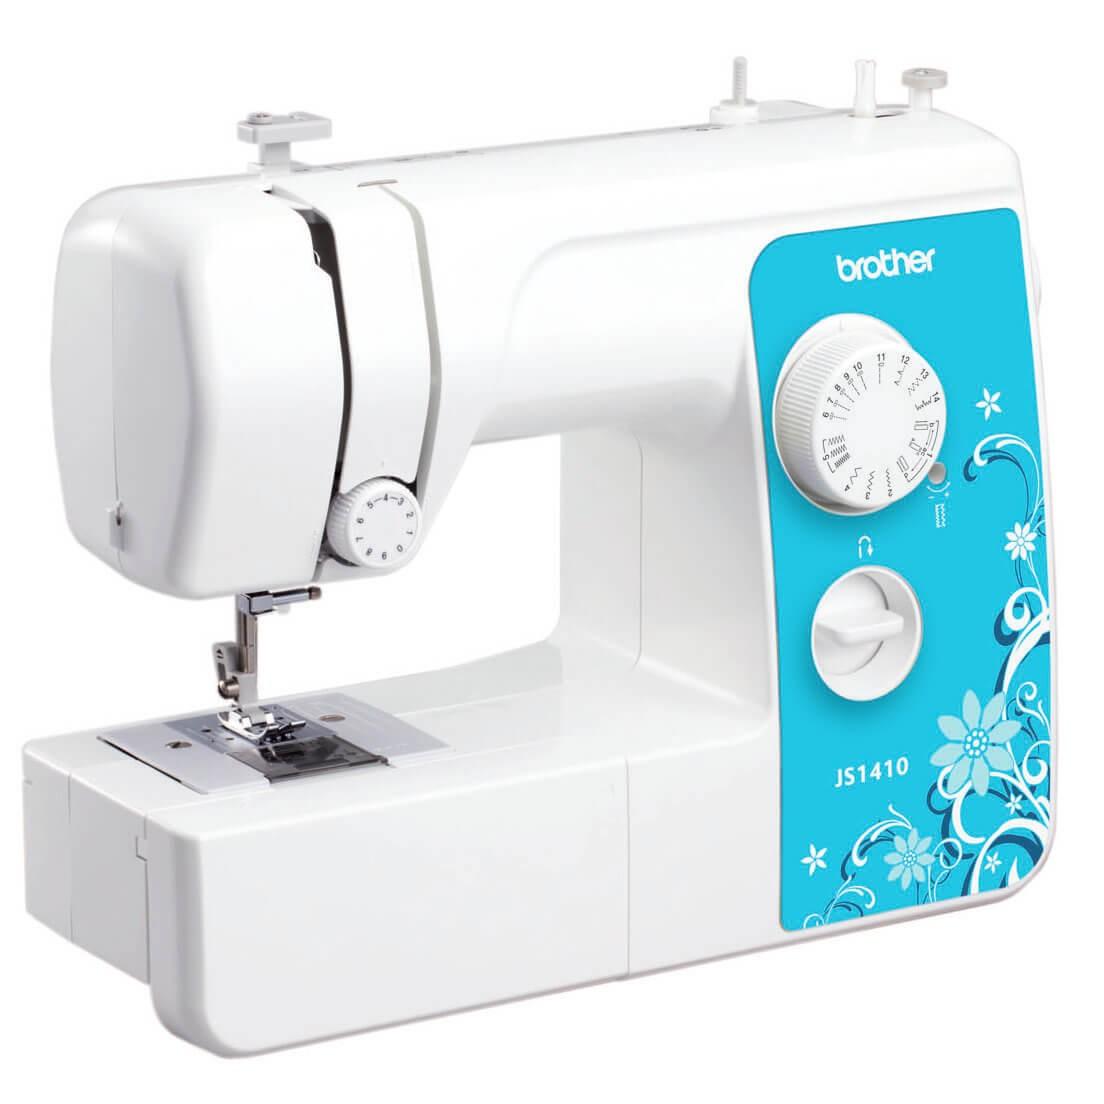 ماكينة الخياطة براذر- ماكينة الخياطة المنزلية براذر JS1410